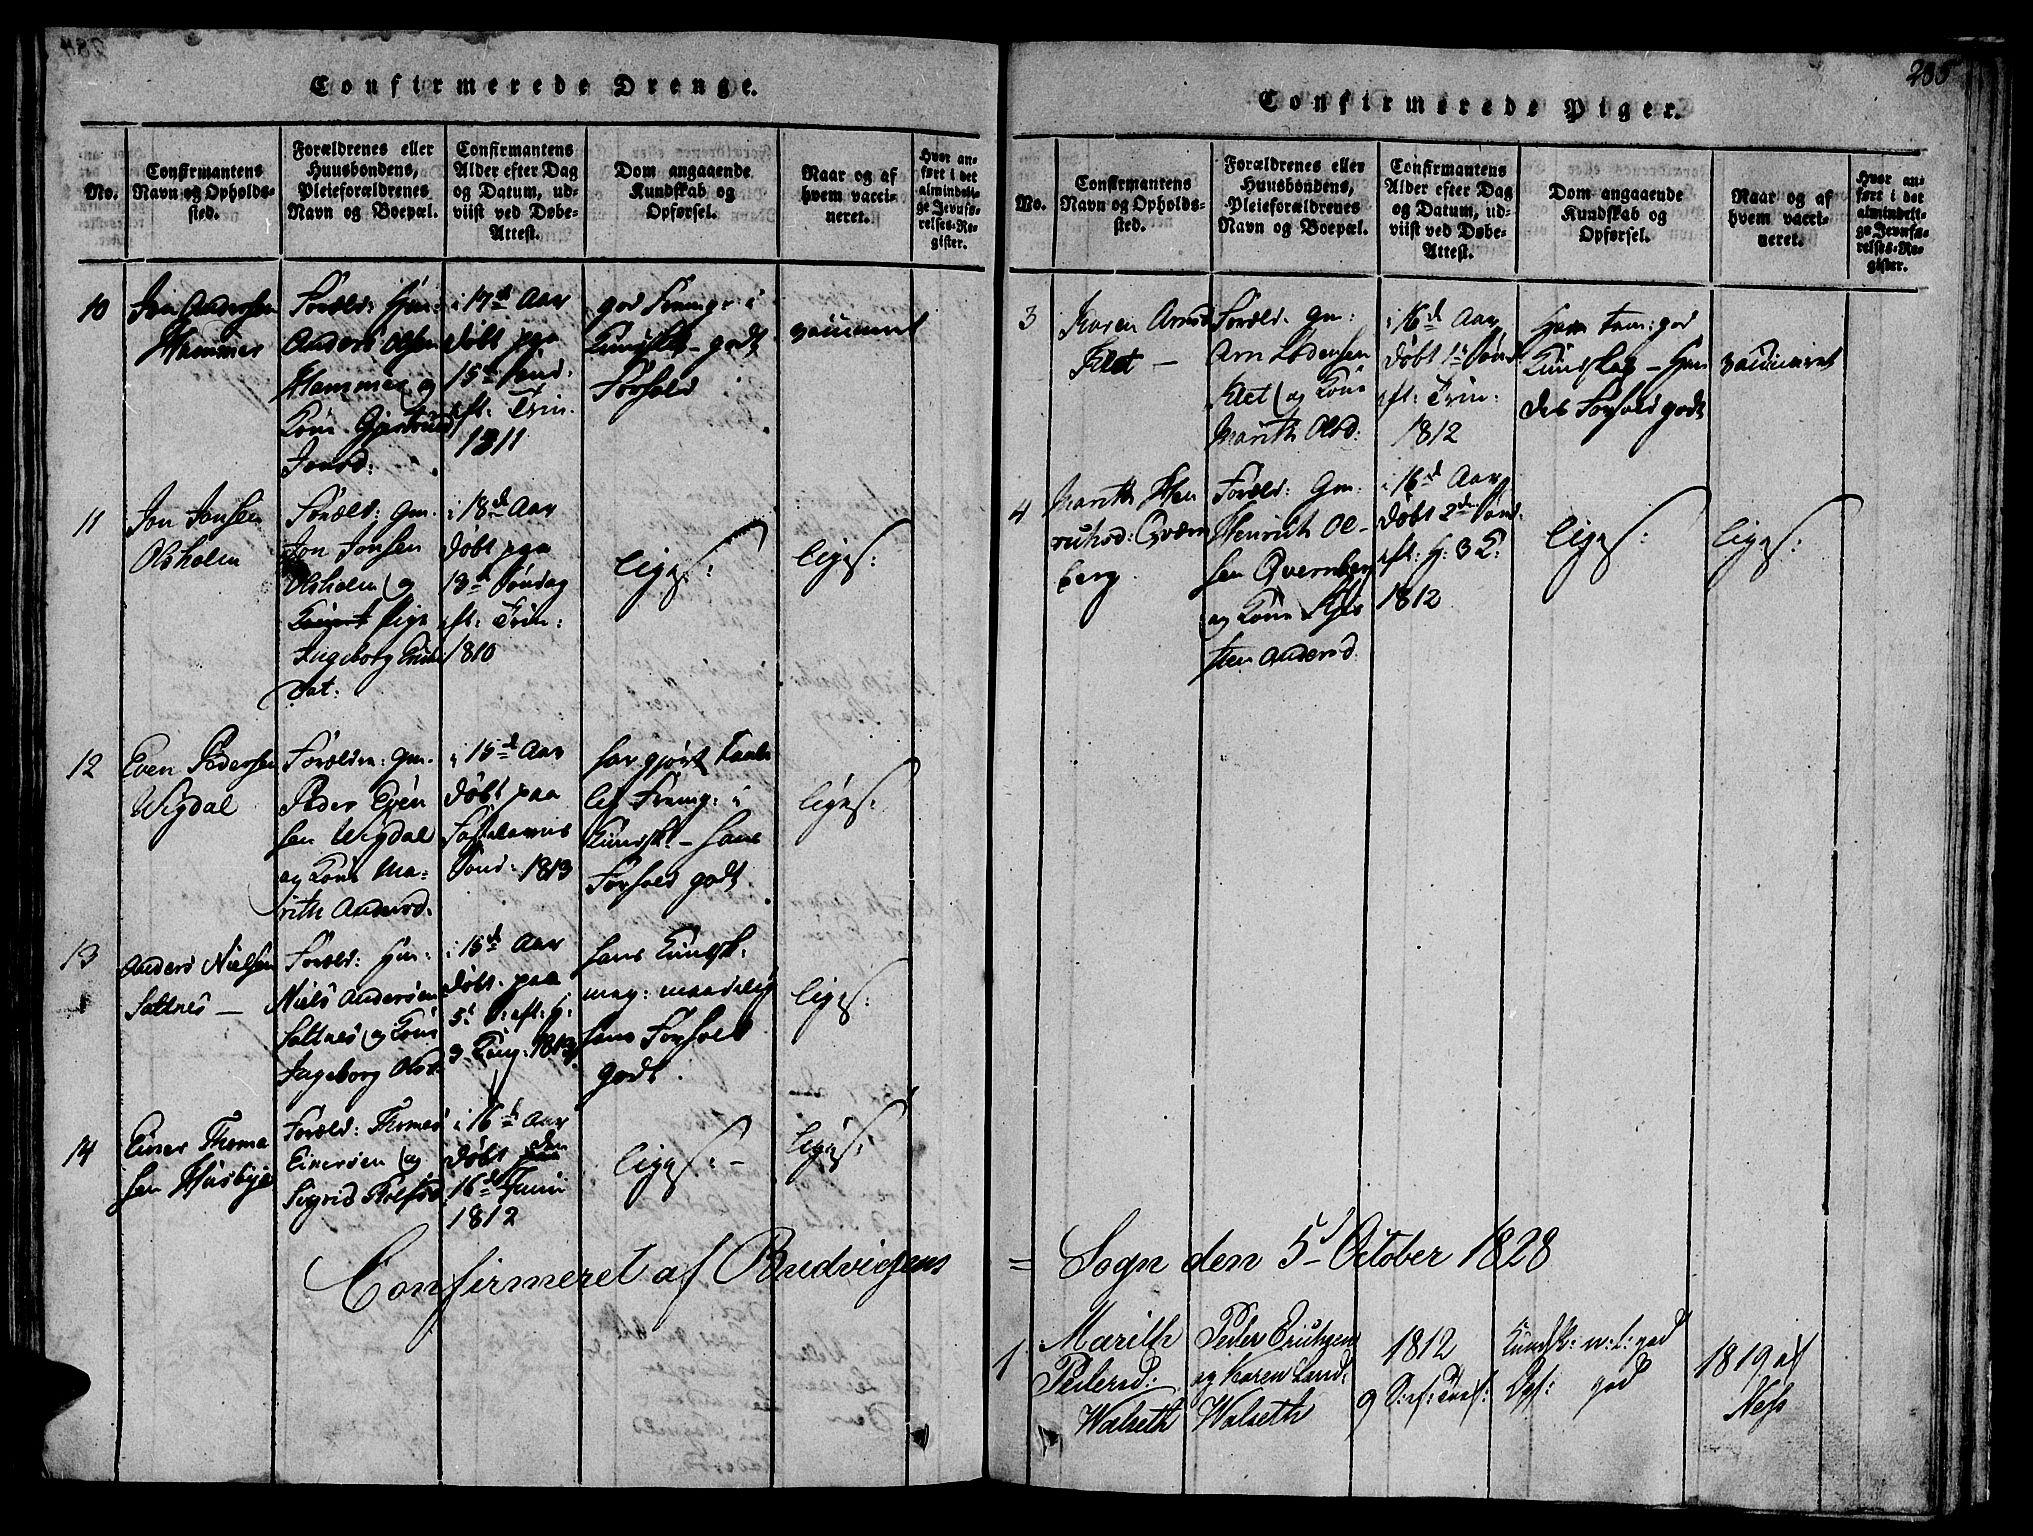 SAT, Ministerialprotokoller, klokkerbøker og fødselsregistre - Sør-Trøndelag, 612/L0373: Ministerialbok nr. 612A06 /2, 1816-1828, s. 285